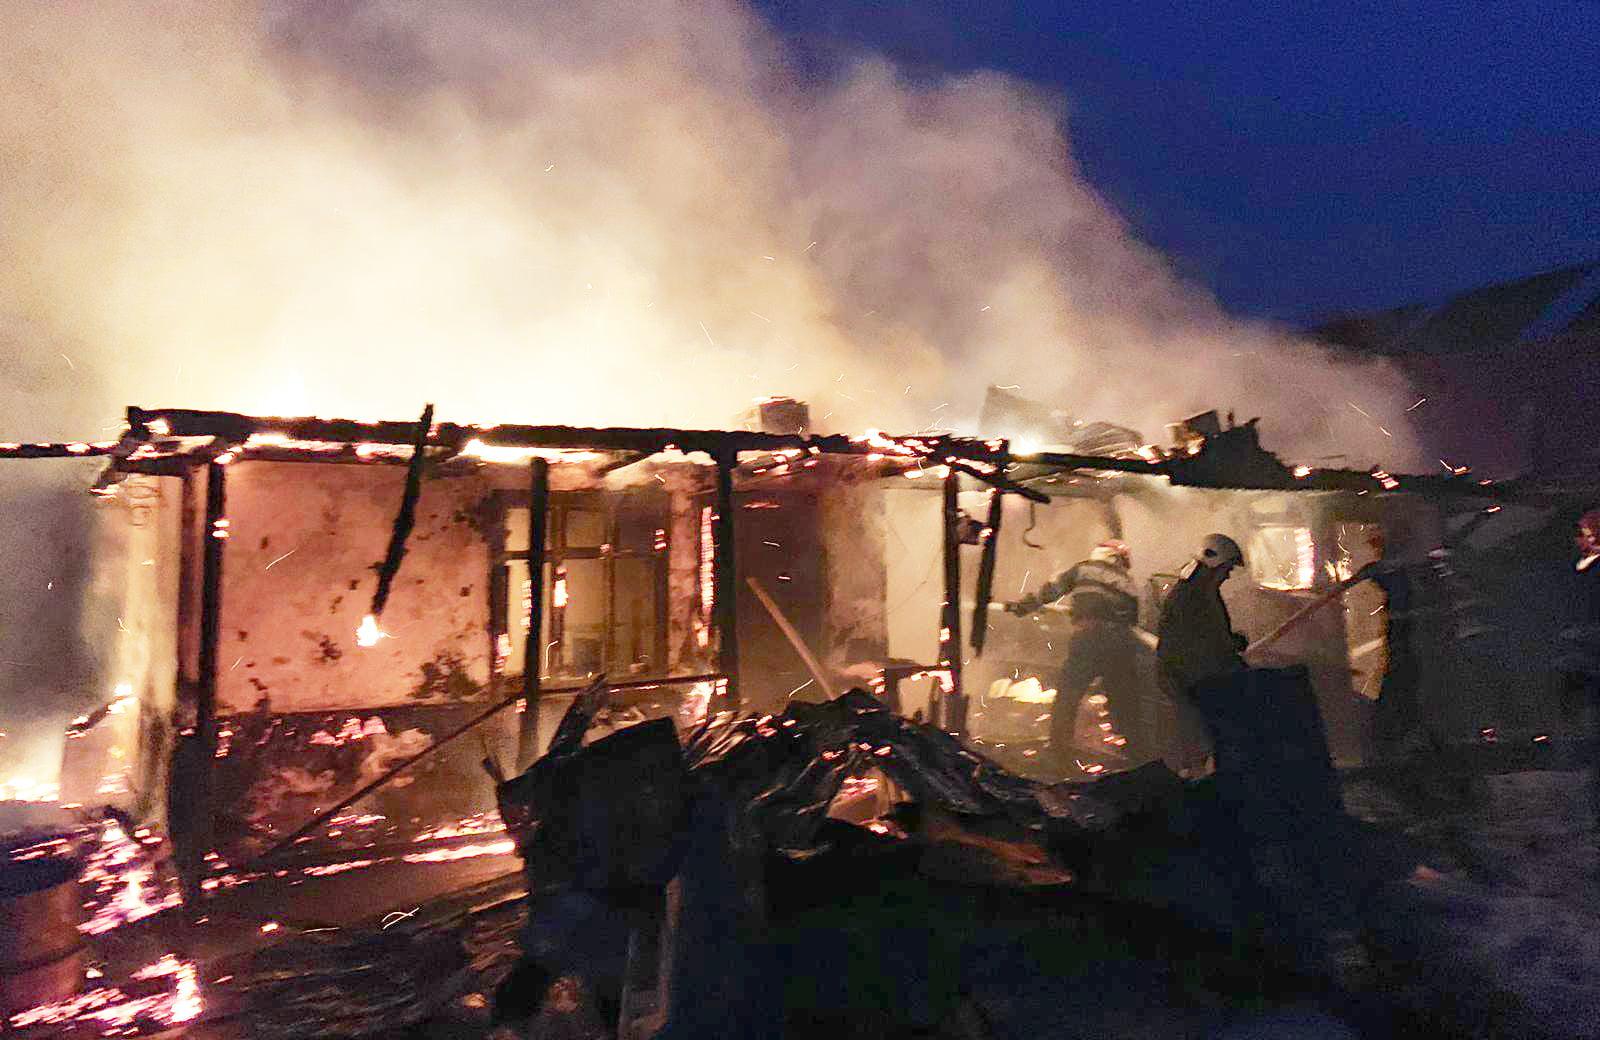 35 de victime și pagube de 776.000 de lei, după incendiile produse anul trecut în Neamț